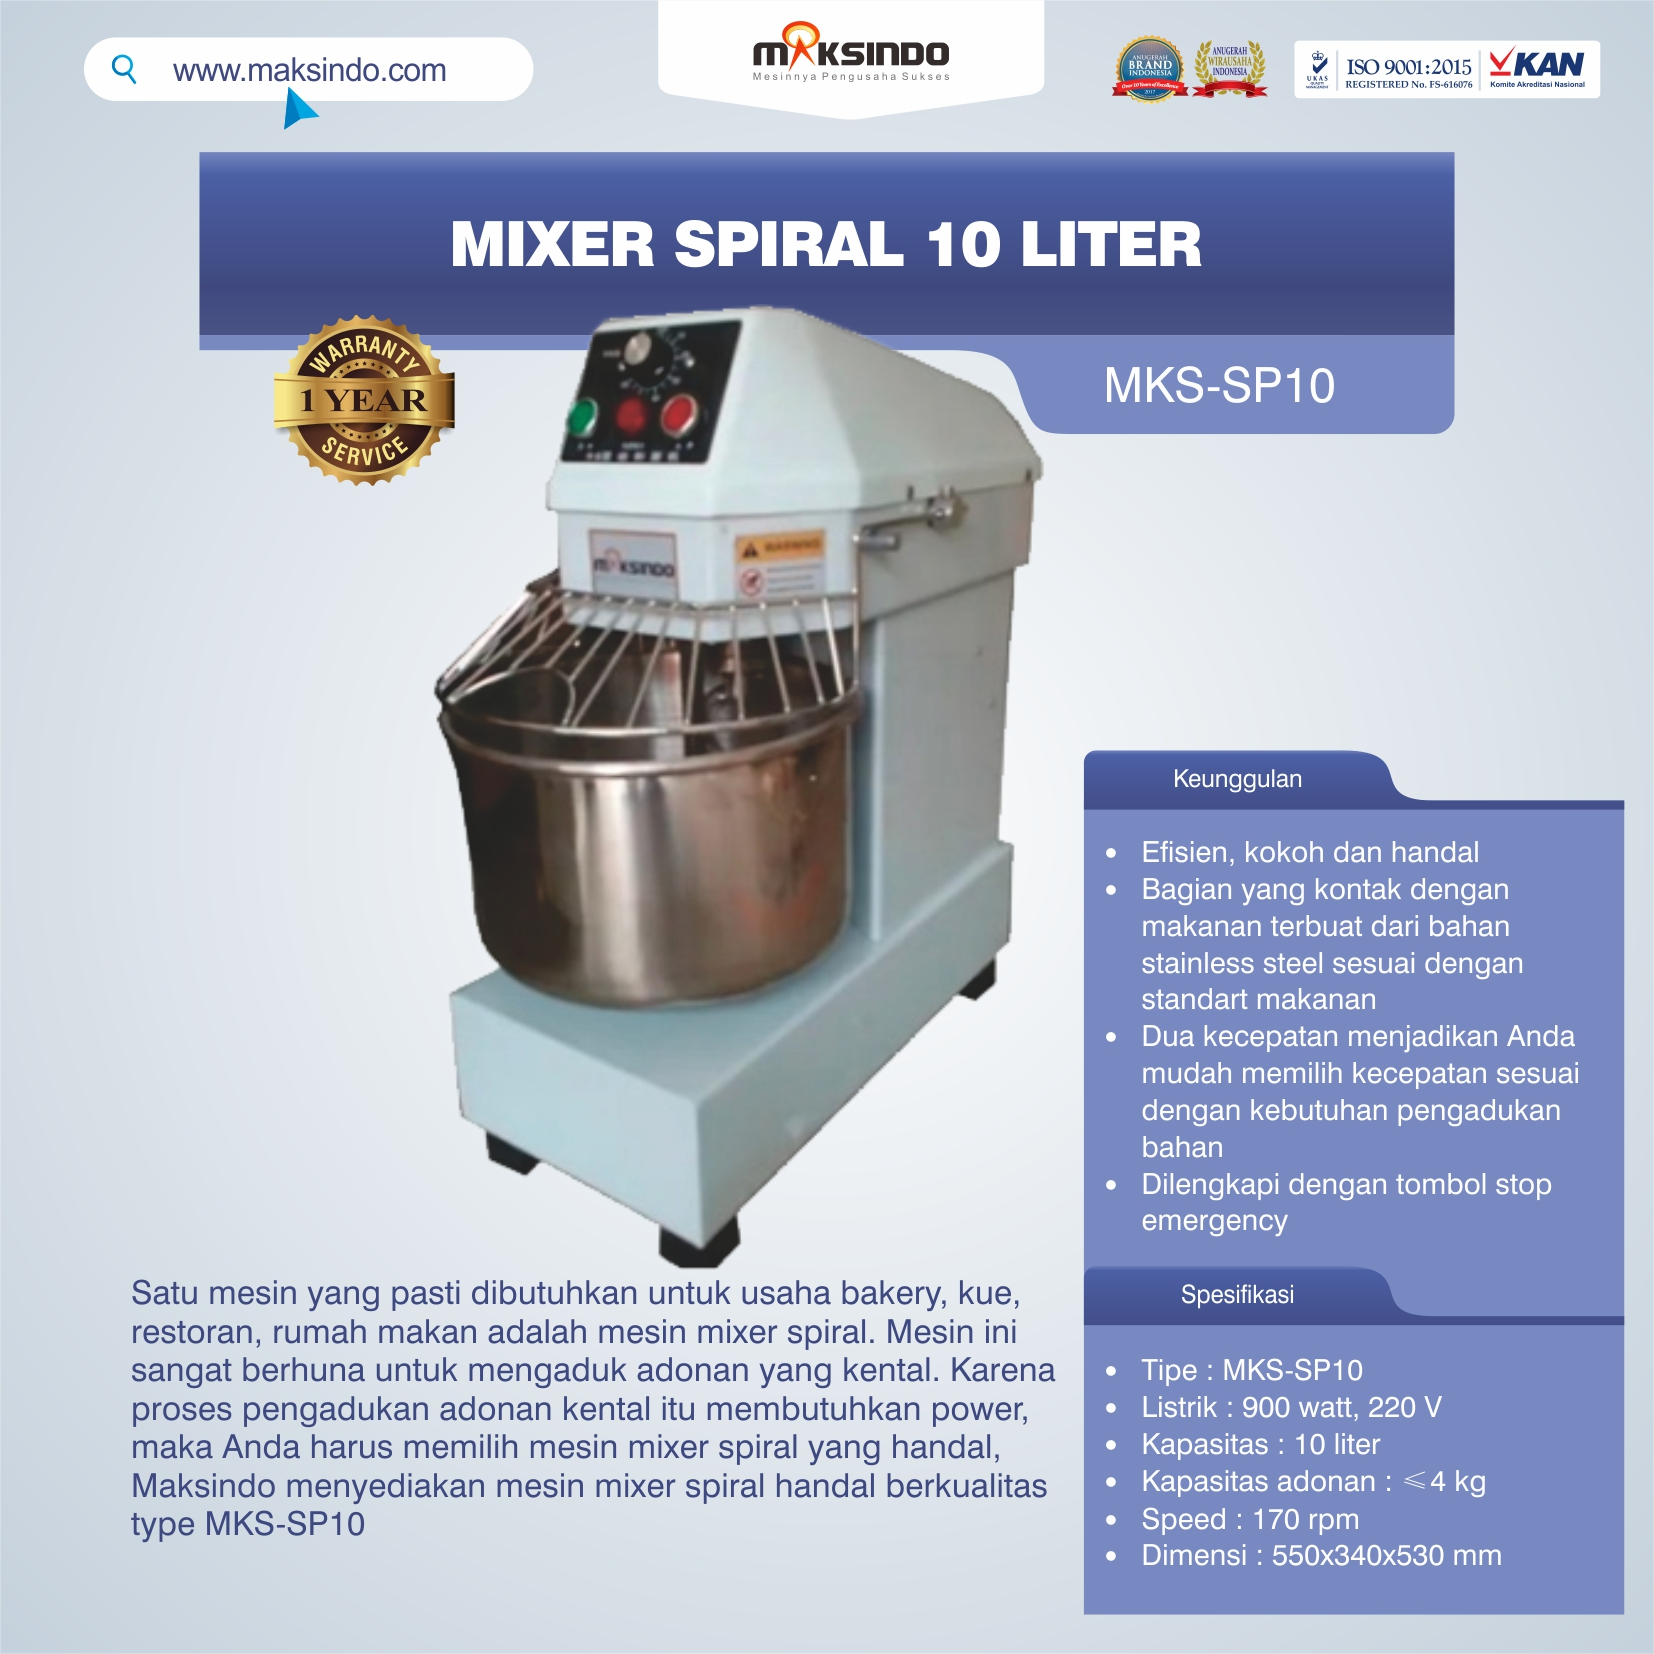 Jual Mixer Spiral 10 Liter (MKS-SP10) di Bekasi